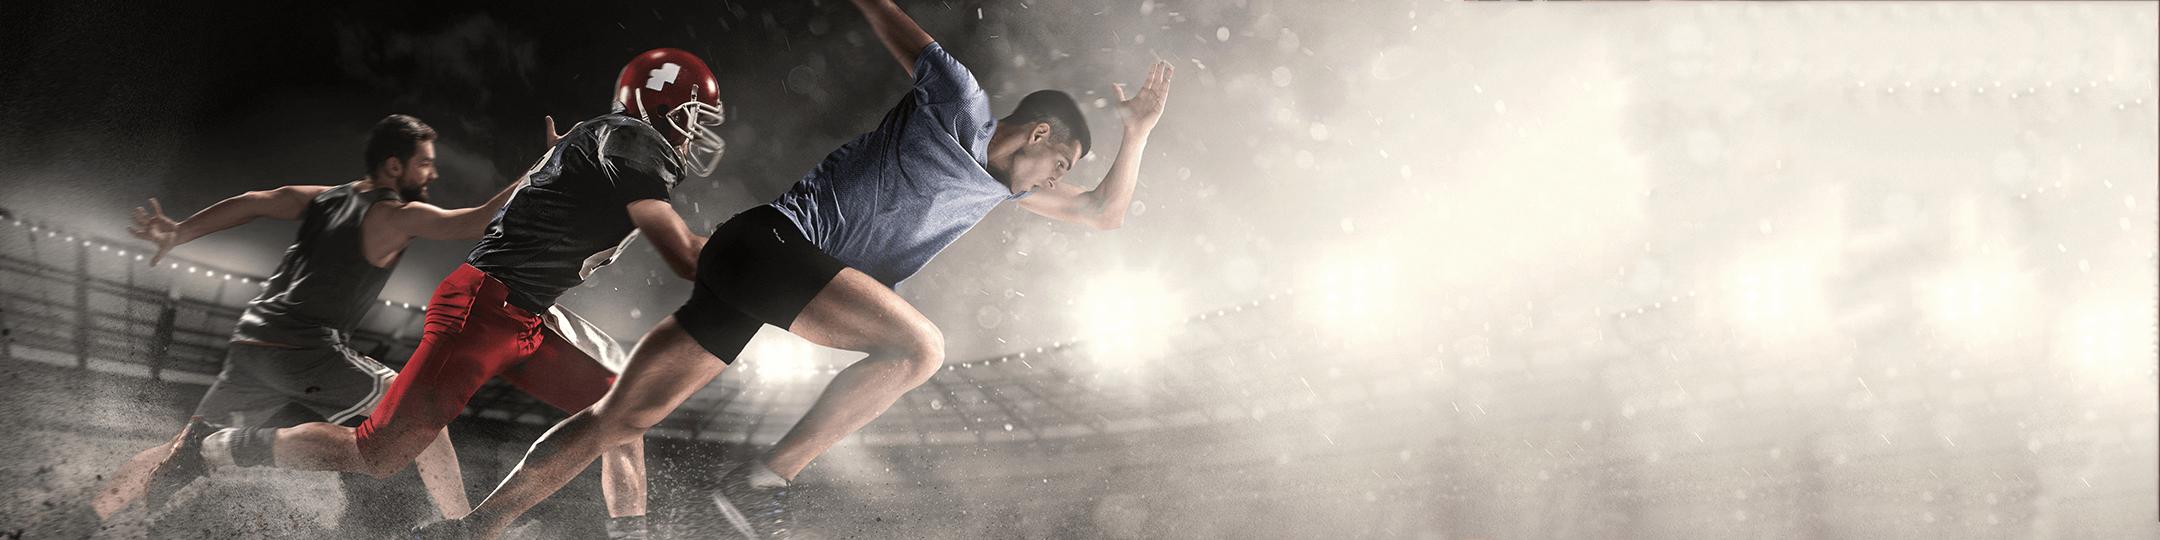 Athlete-banner